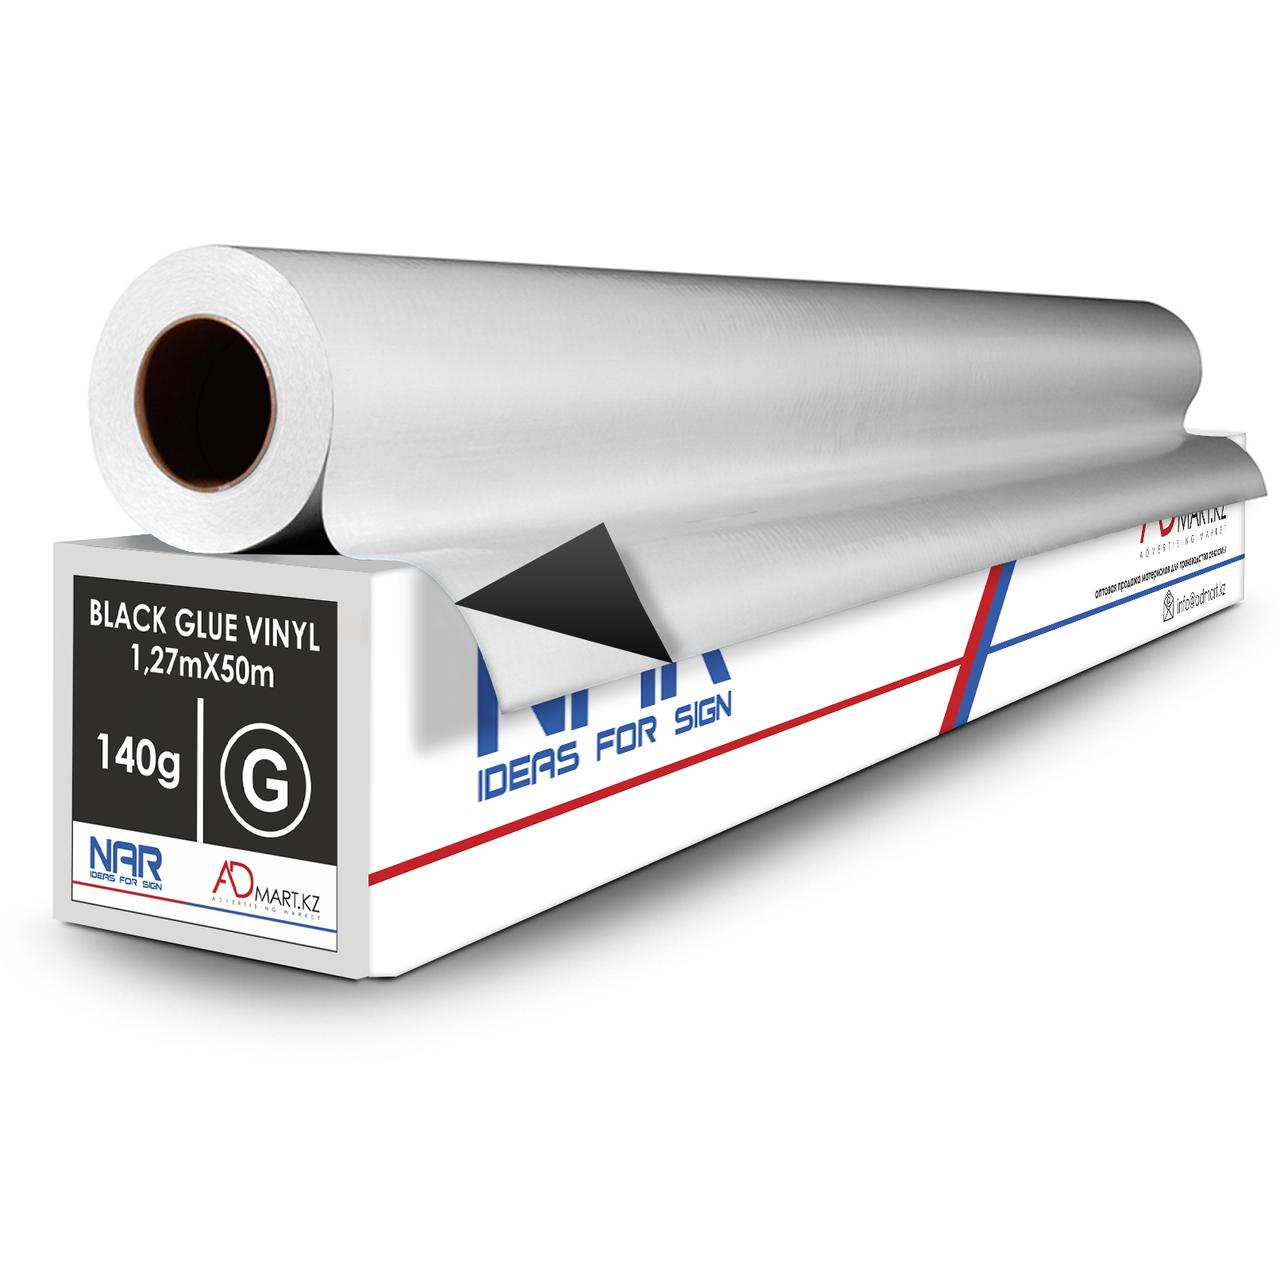 Светоблокирующая пленка с черным клеевым слоем Black out NAR (140гр.) 1,27мХ50м